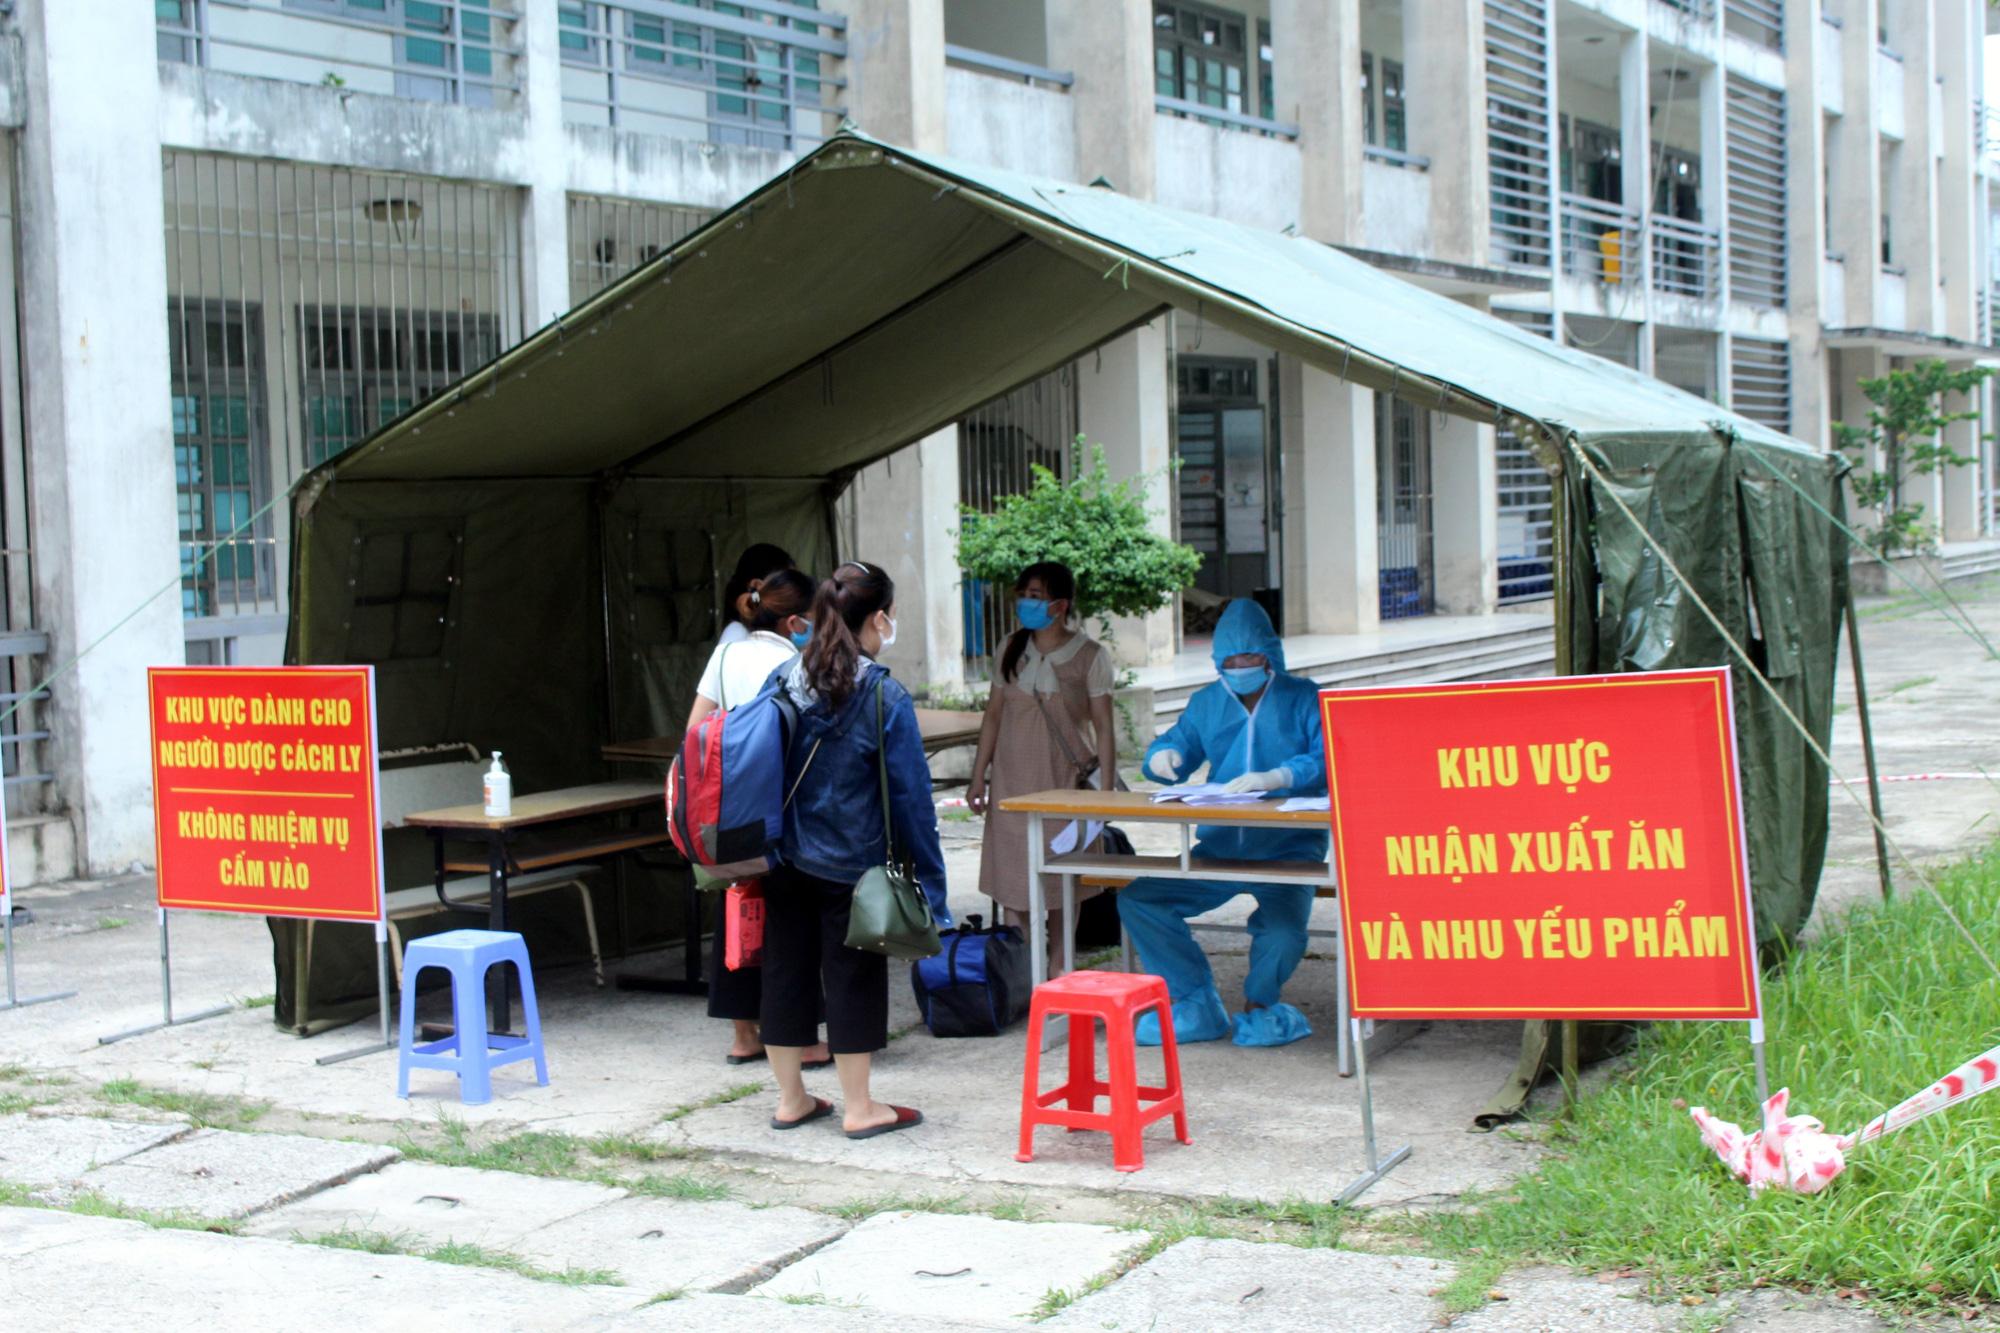 Gần 500 người lao động từ vùng dịch Bắc Giang đã về đến Thái Nguyên - Ảnh 3.